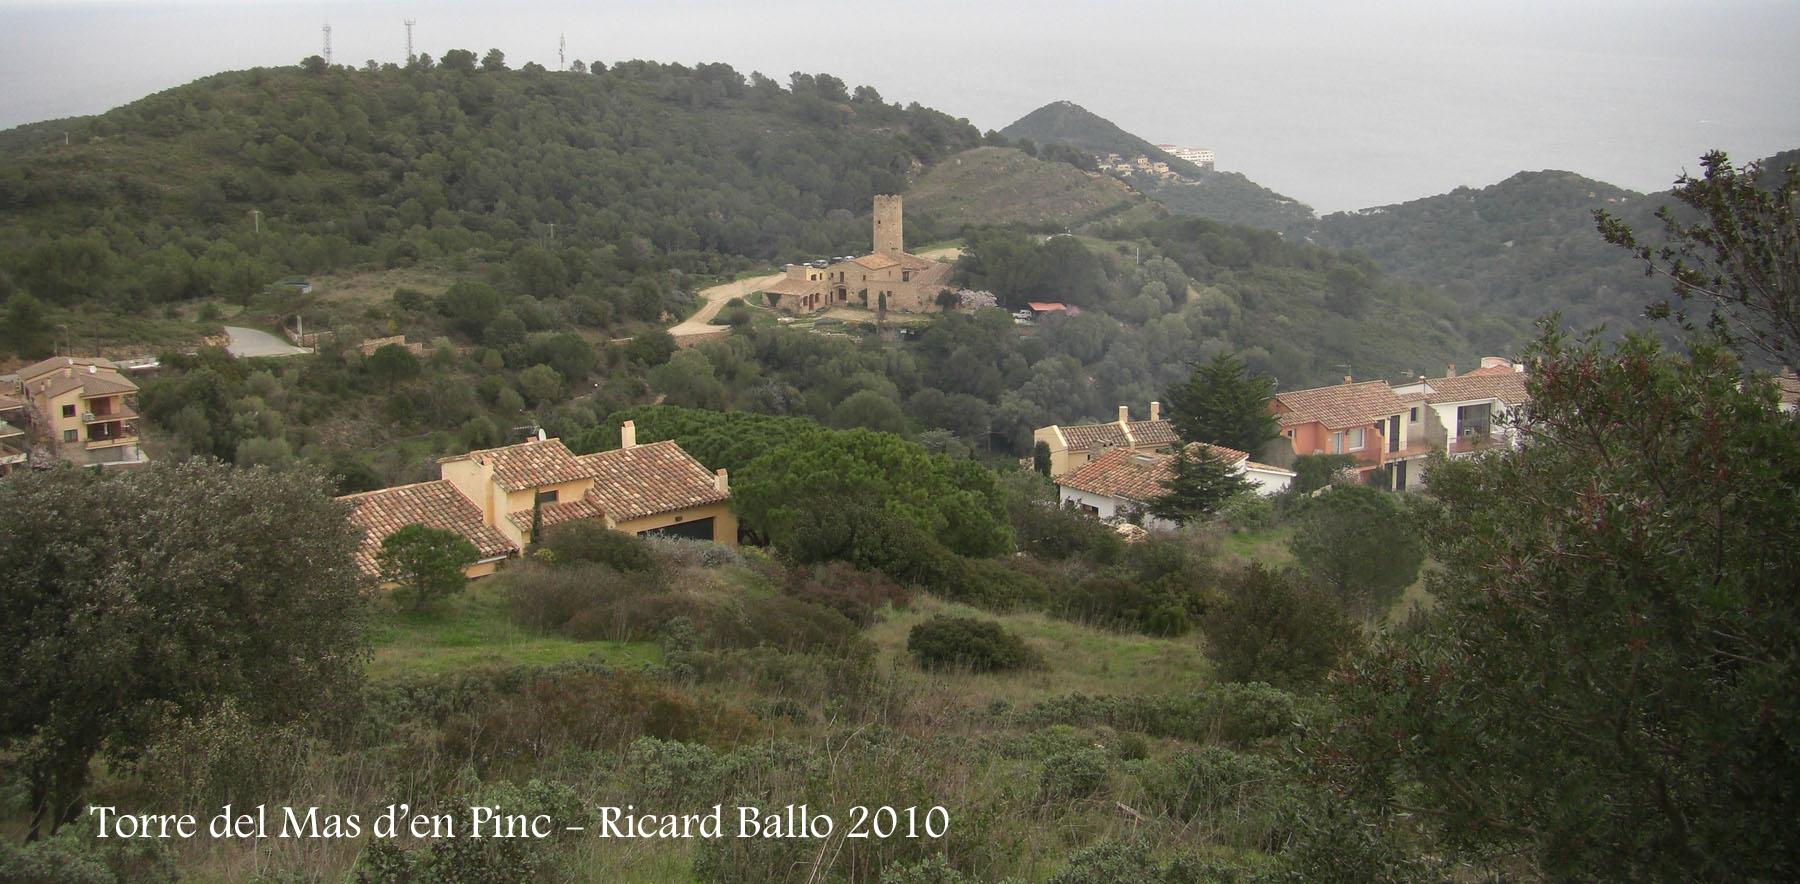 torre-del-mas-den-pinc-des-del-castell-de-begur-100225_701